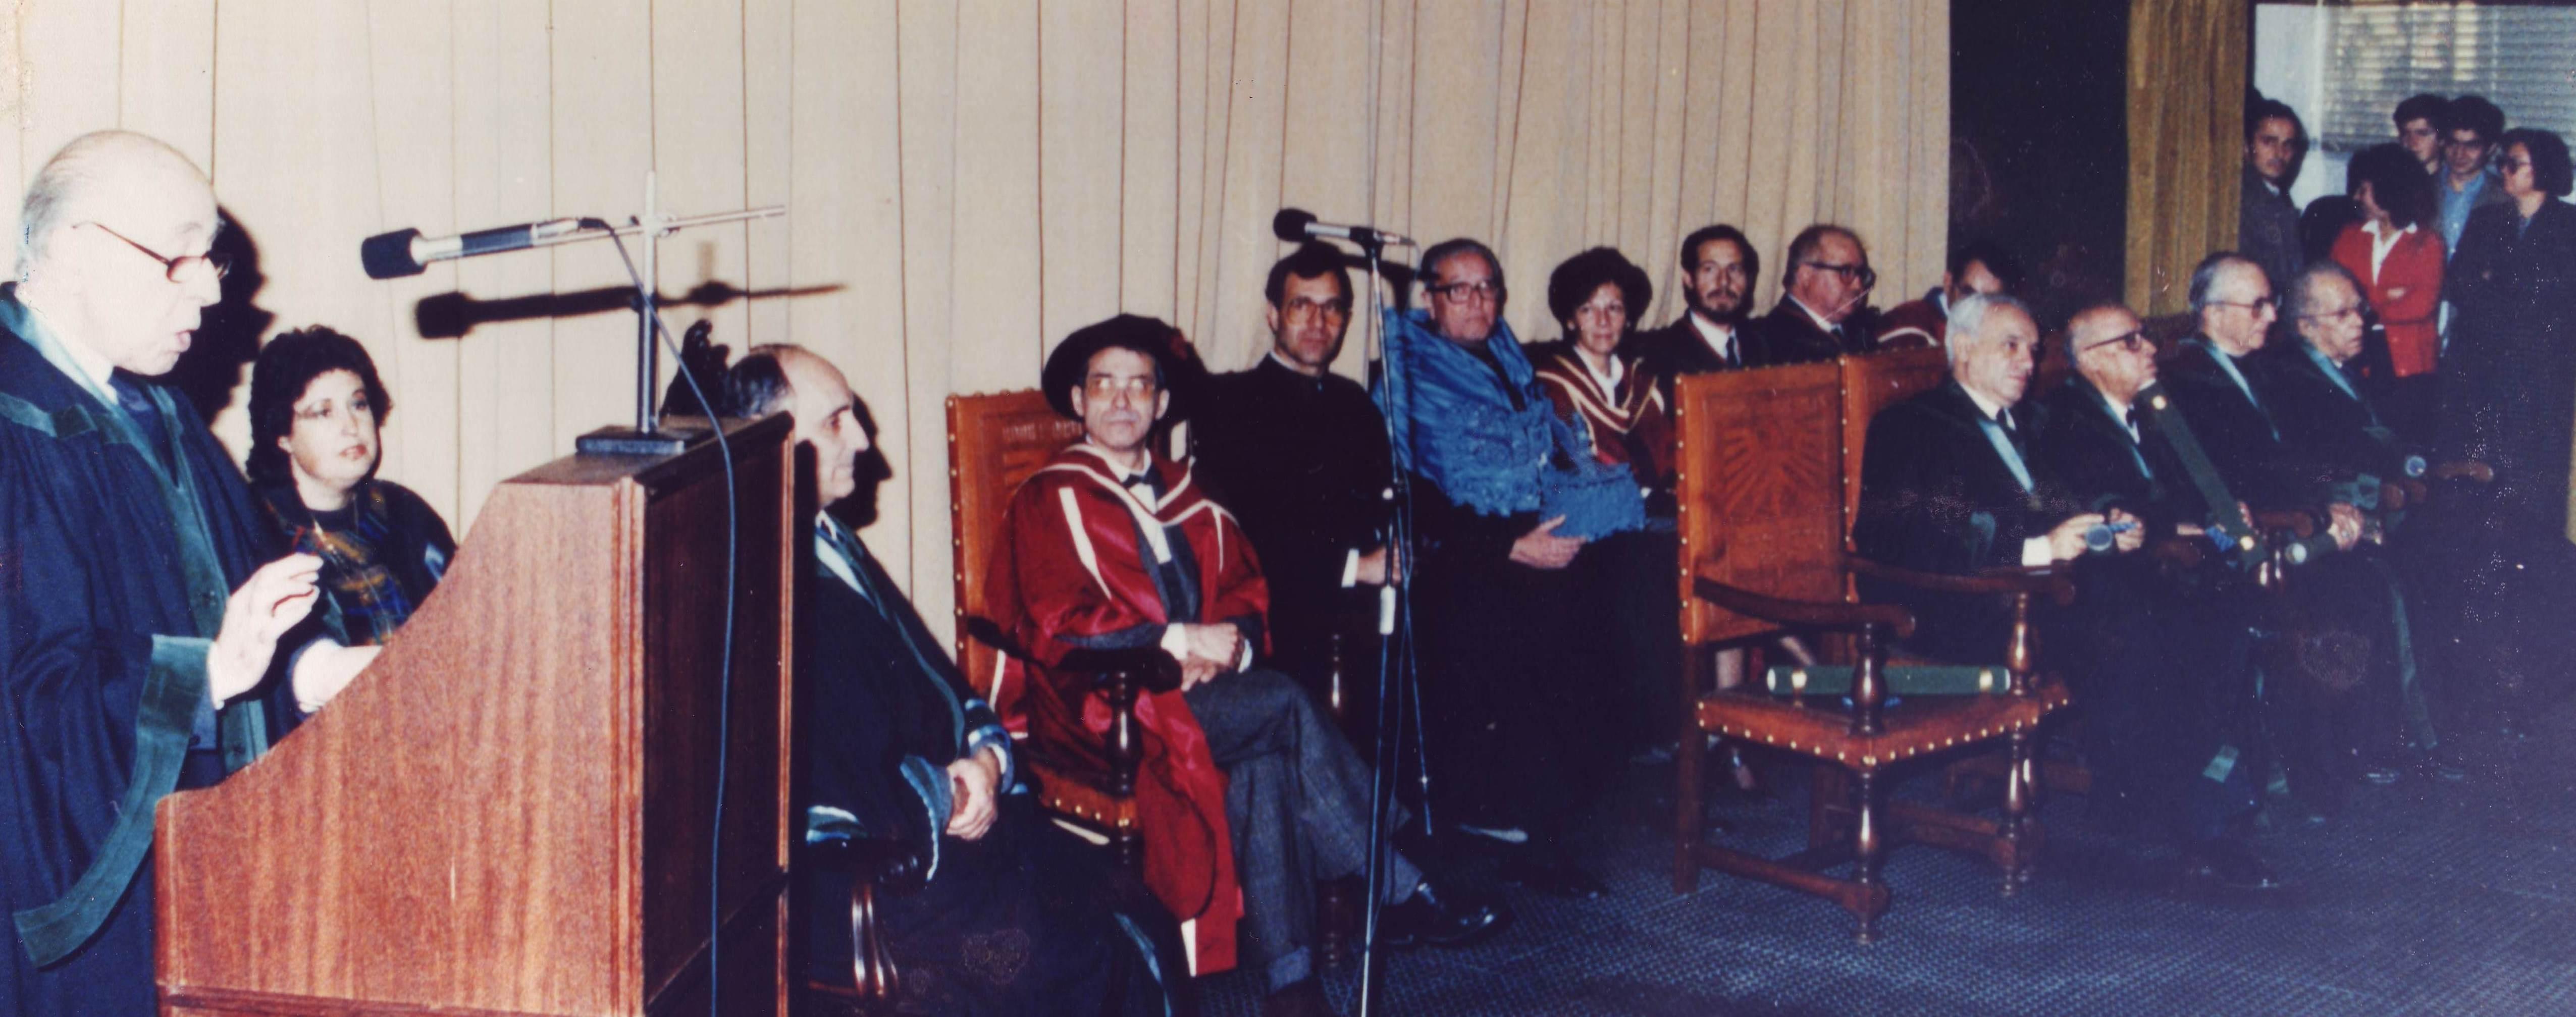 Sessão dos Doutoramentos Honoris Causa do Professor Manuel Rodrigues Lapa (a discursar) e dos Professores Veiga Simão, Ferrer Correia, Corine de Andrade e Lopes Graça (na primeira fila, da esquerda para a direita) - Dezembro de 1988